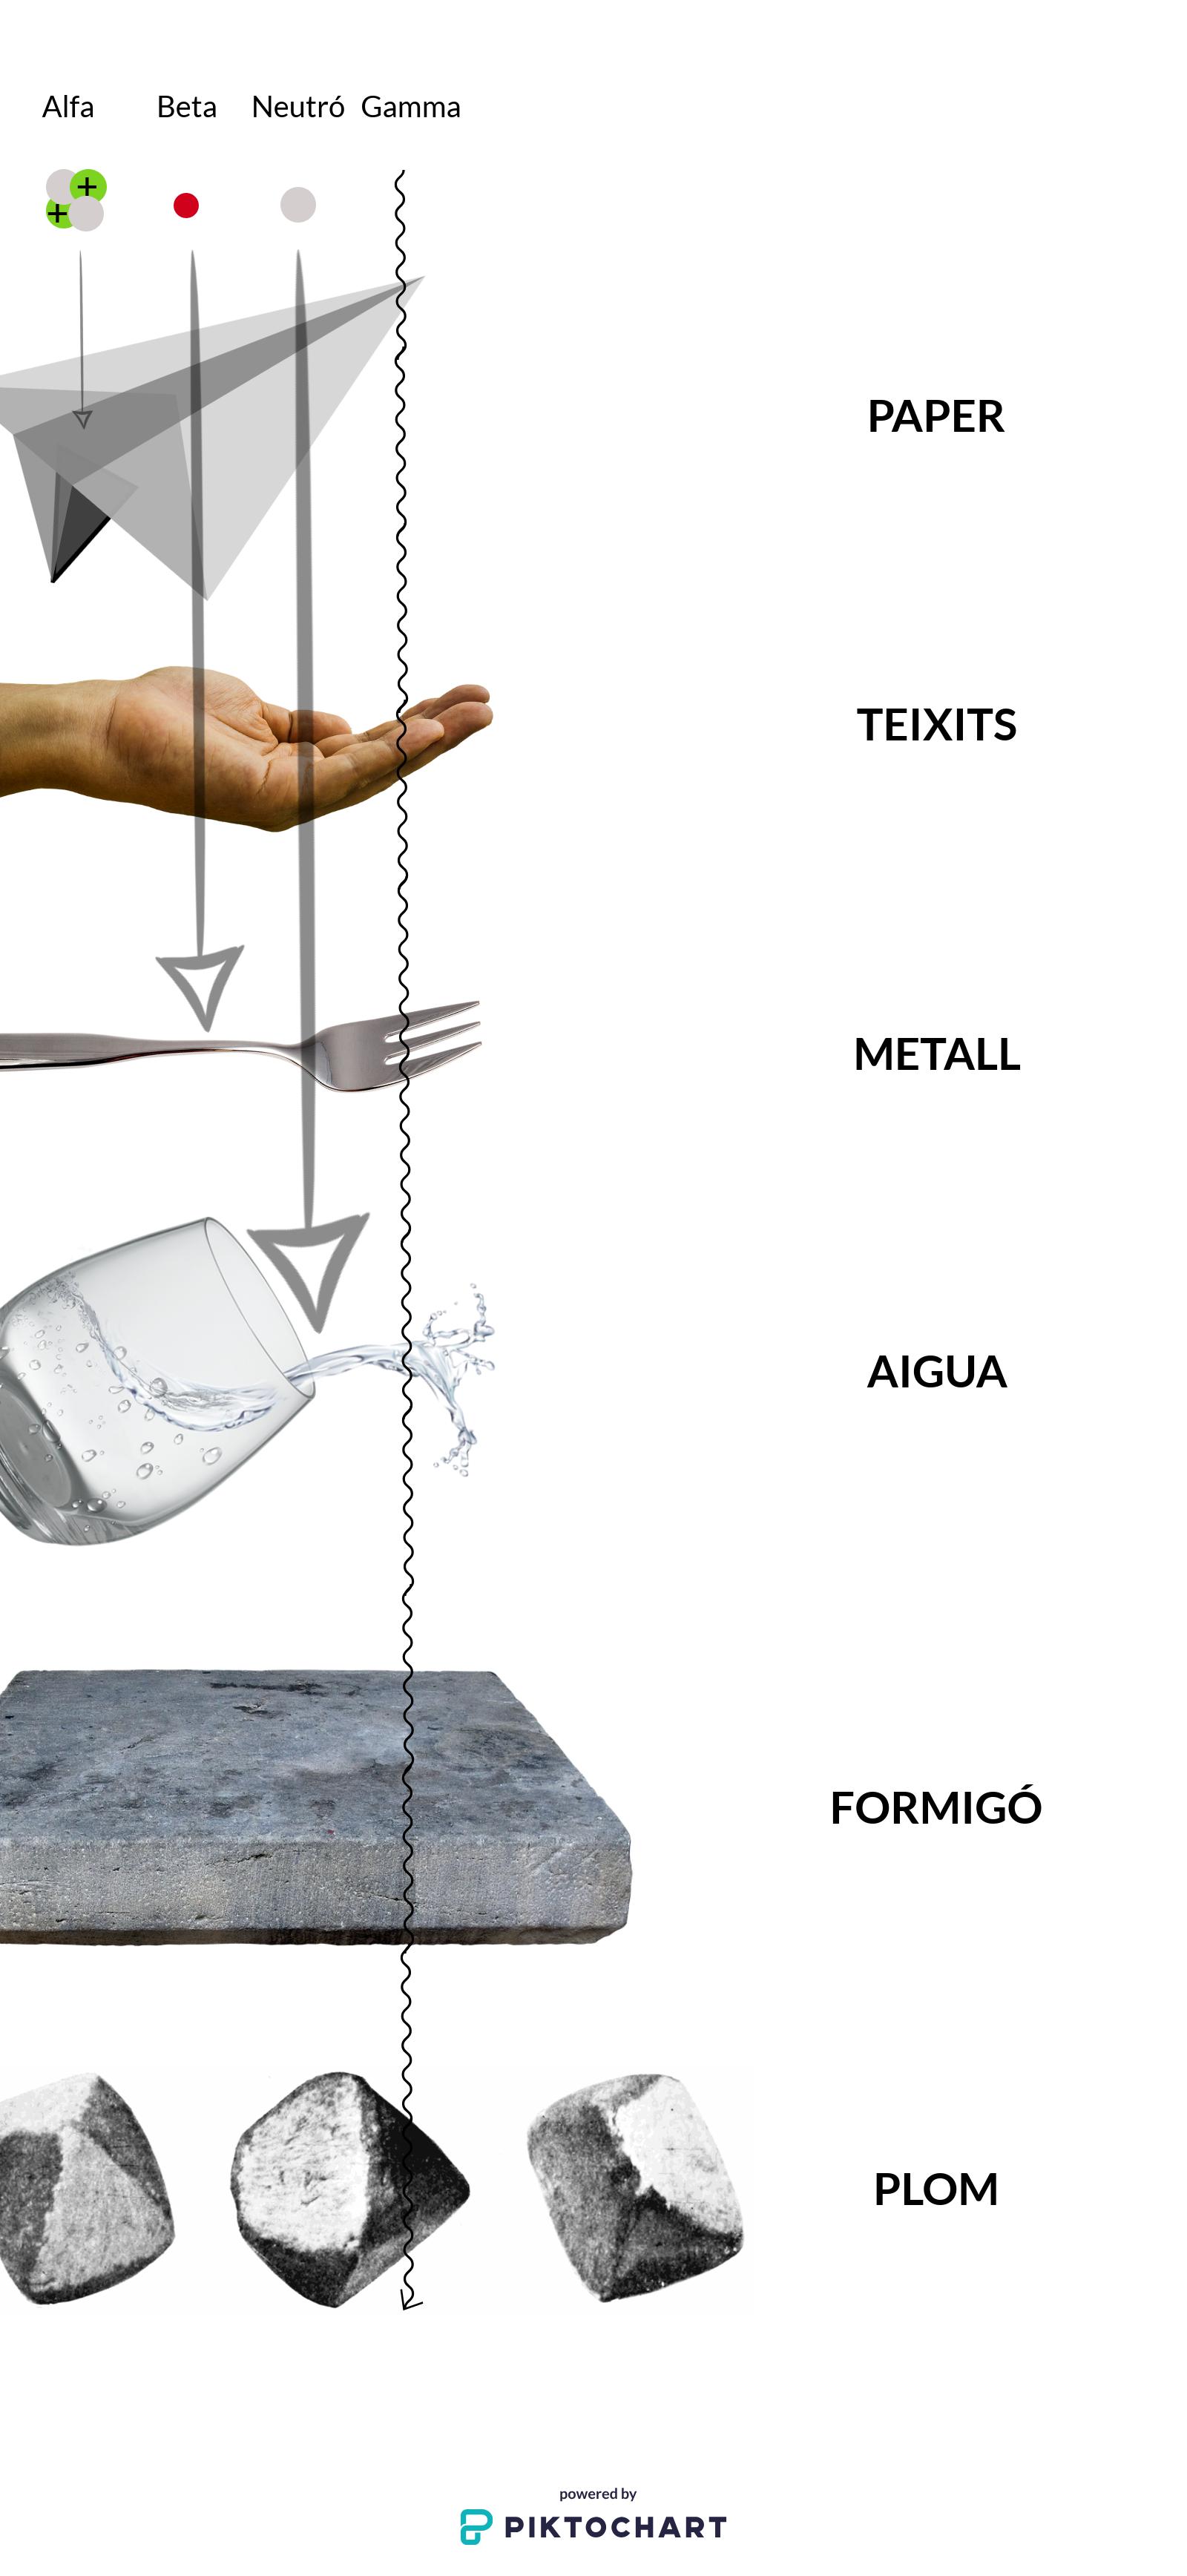 Capacitat de diferents tipus de radiacions per travessar materials. De menys a més penetrant: alfa < beta < neutró < gamma.